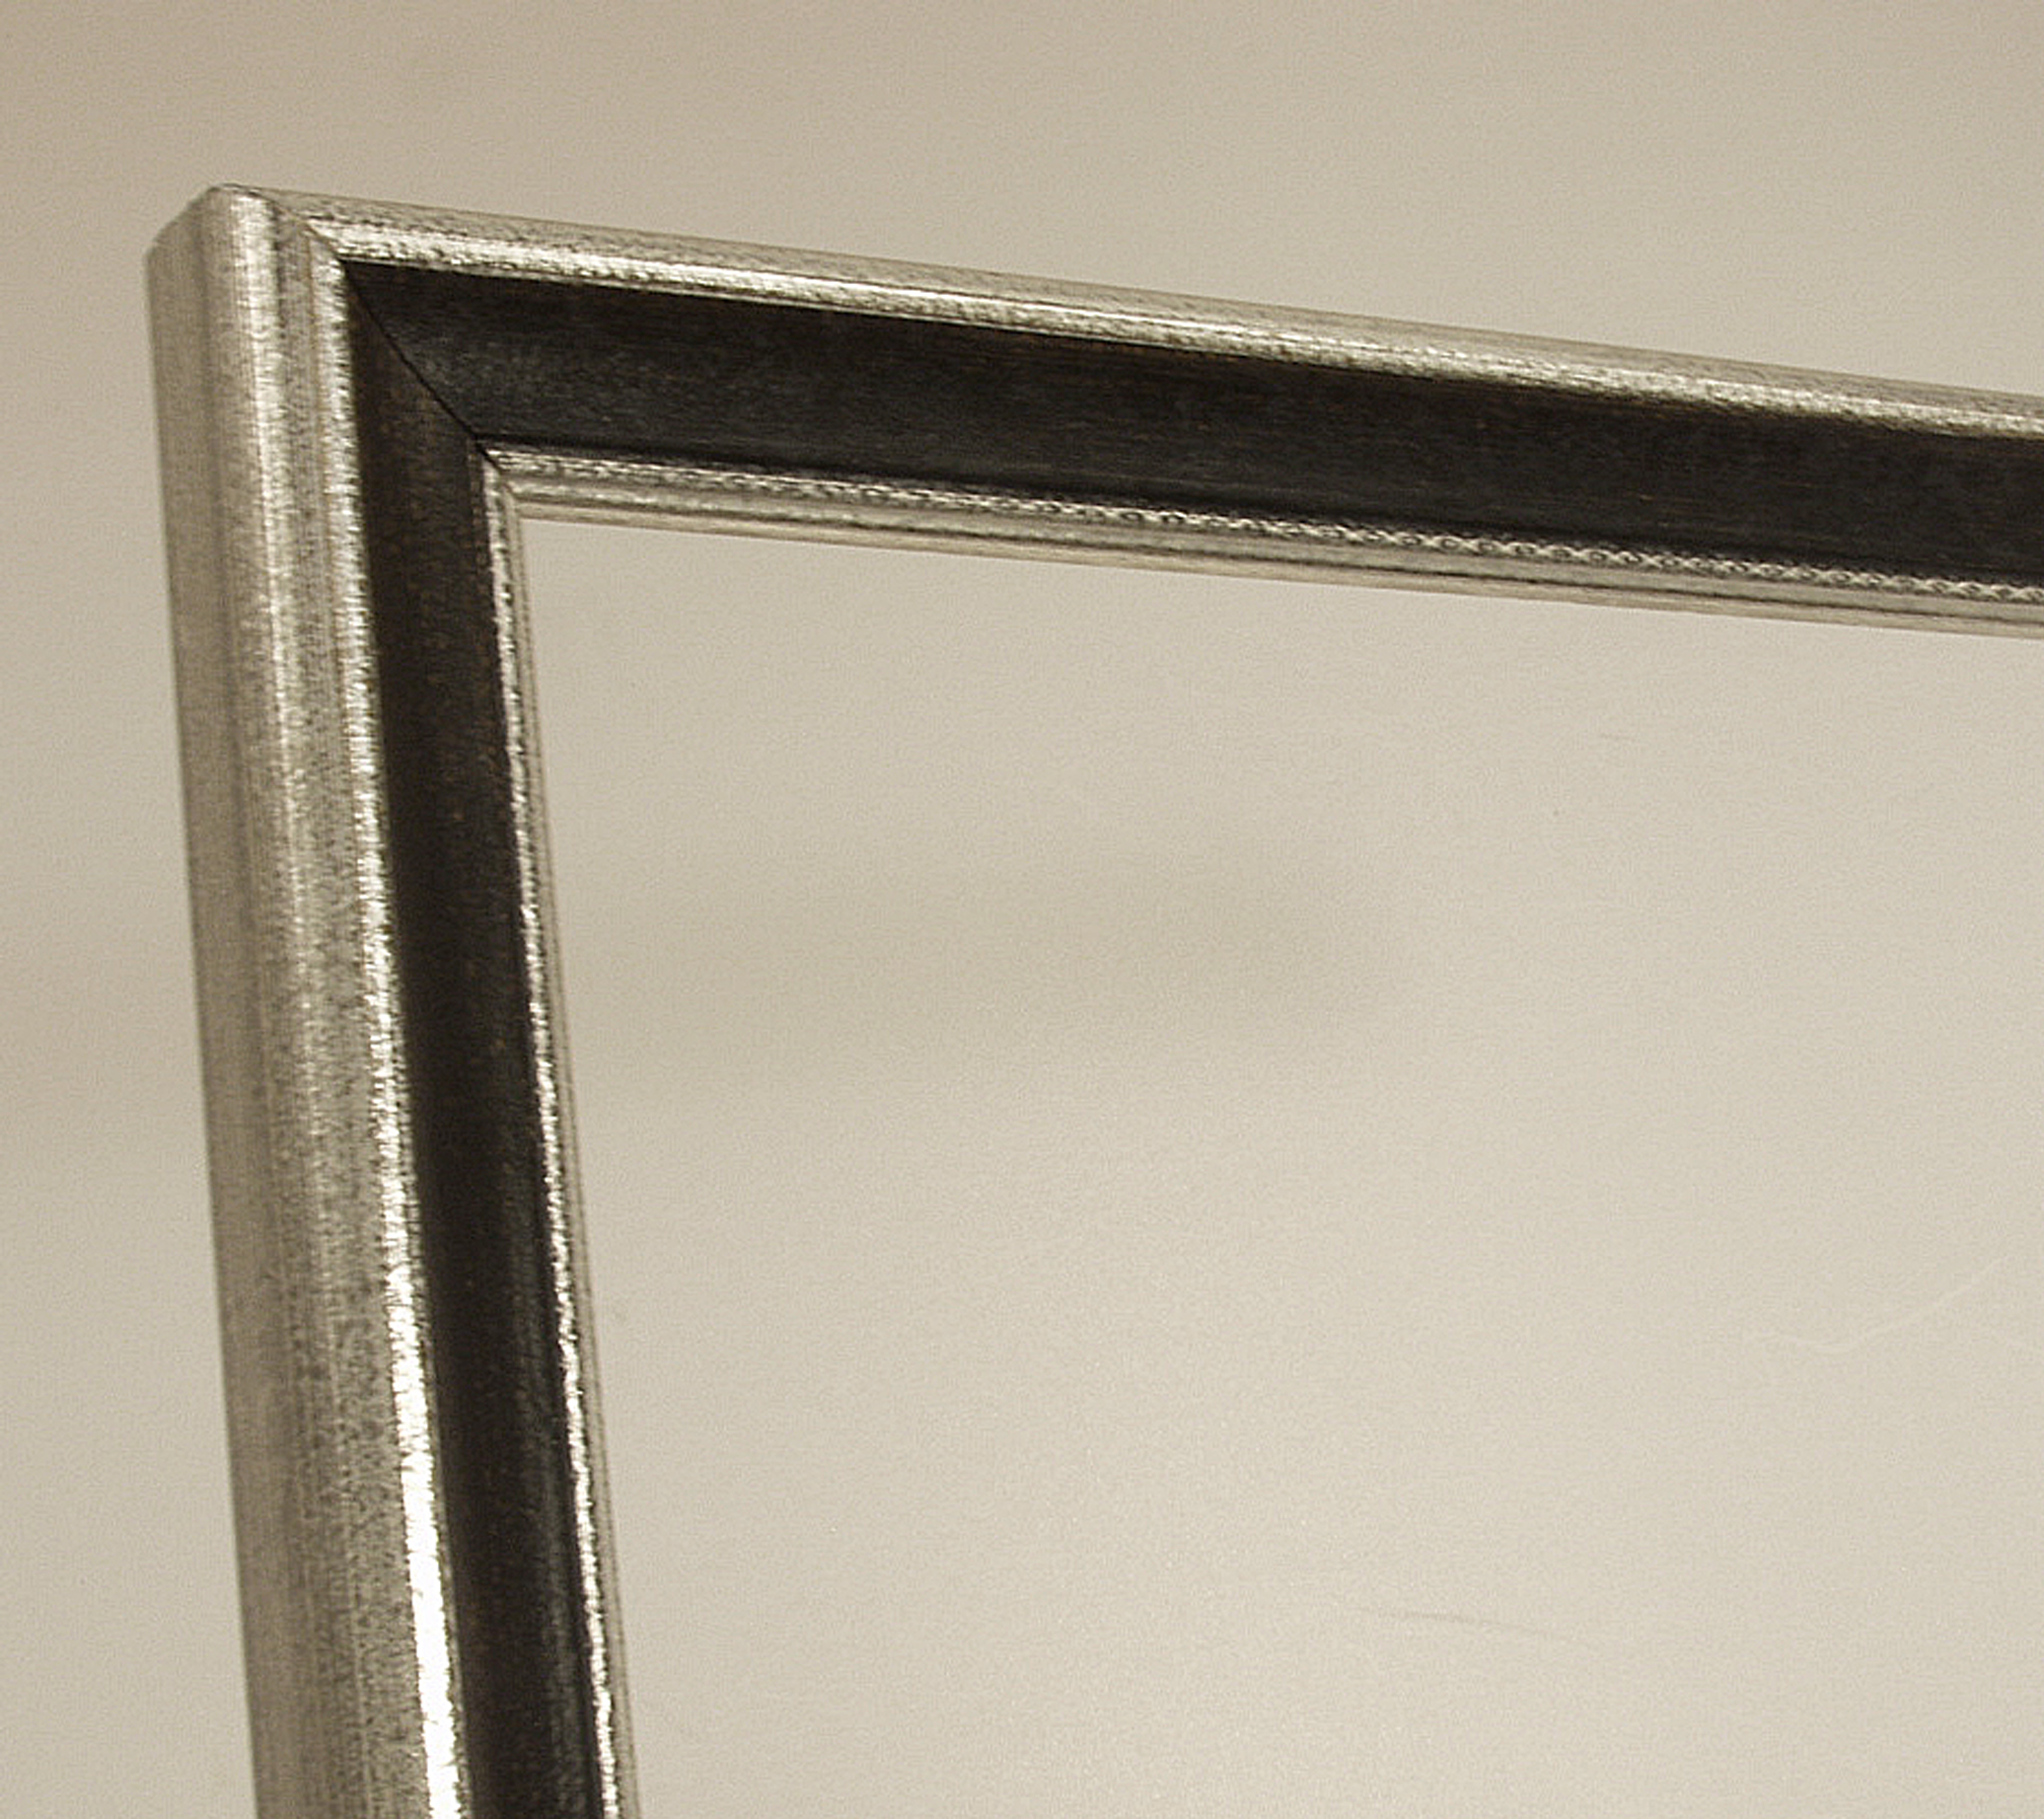 Bilderrahmen Vittoria, Italienischer Bilderrahmen - Schwarz, Silber